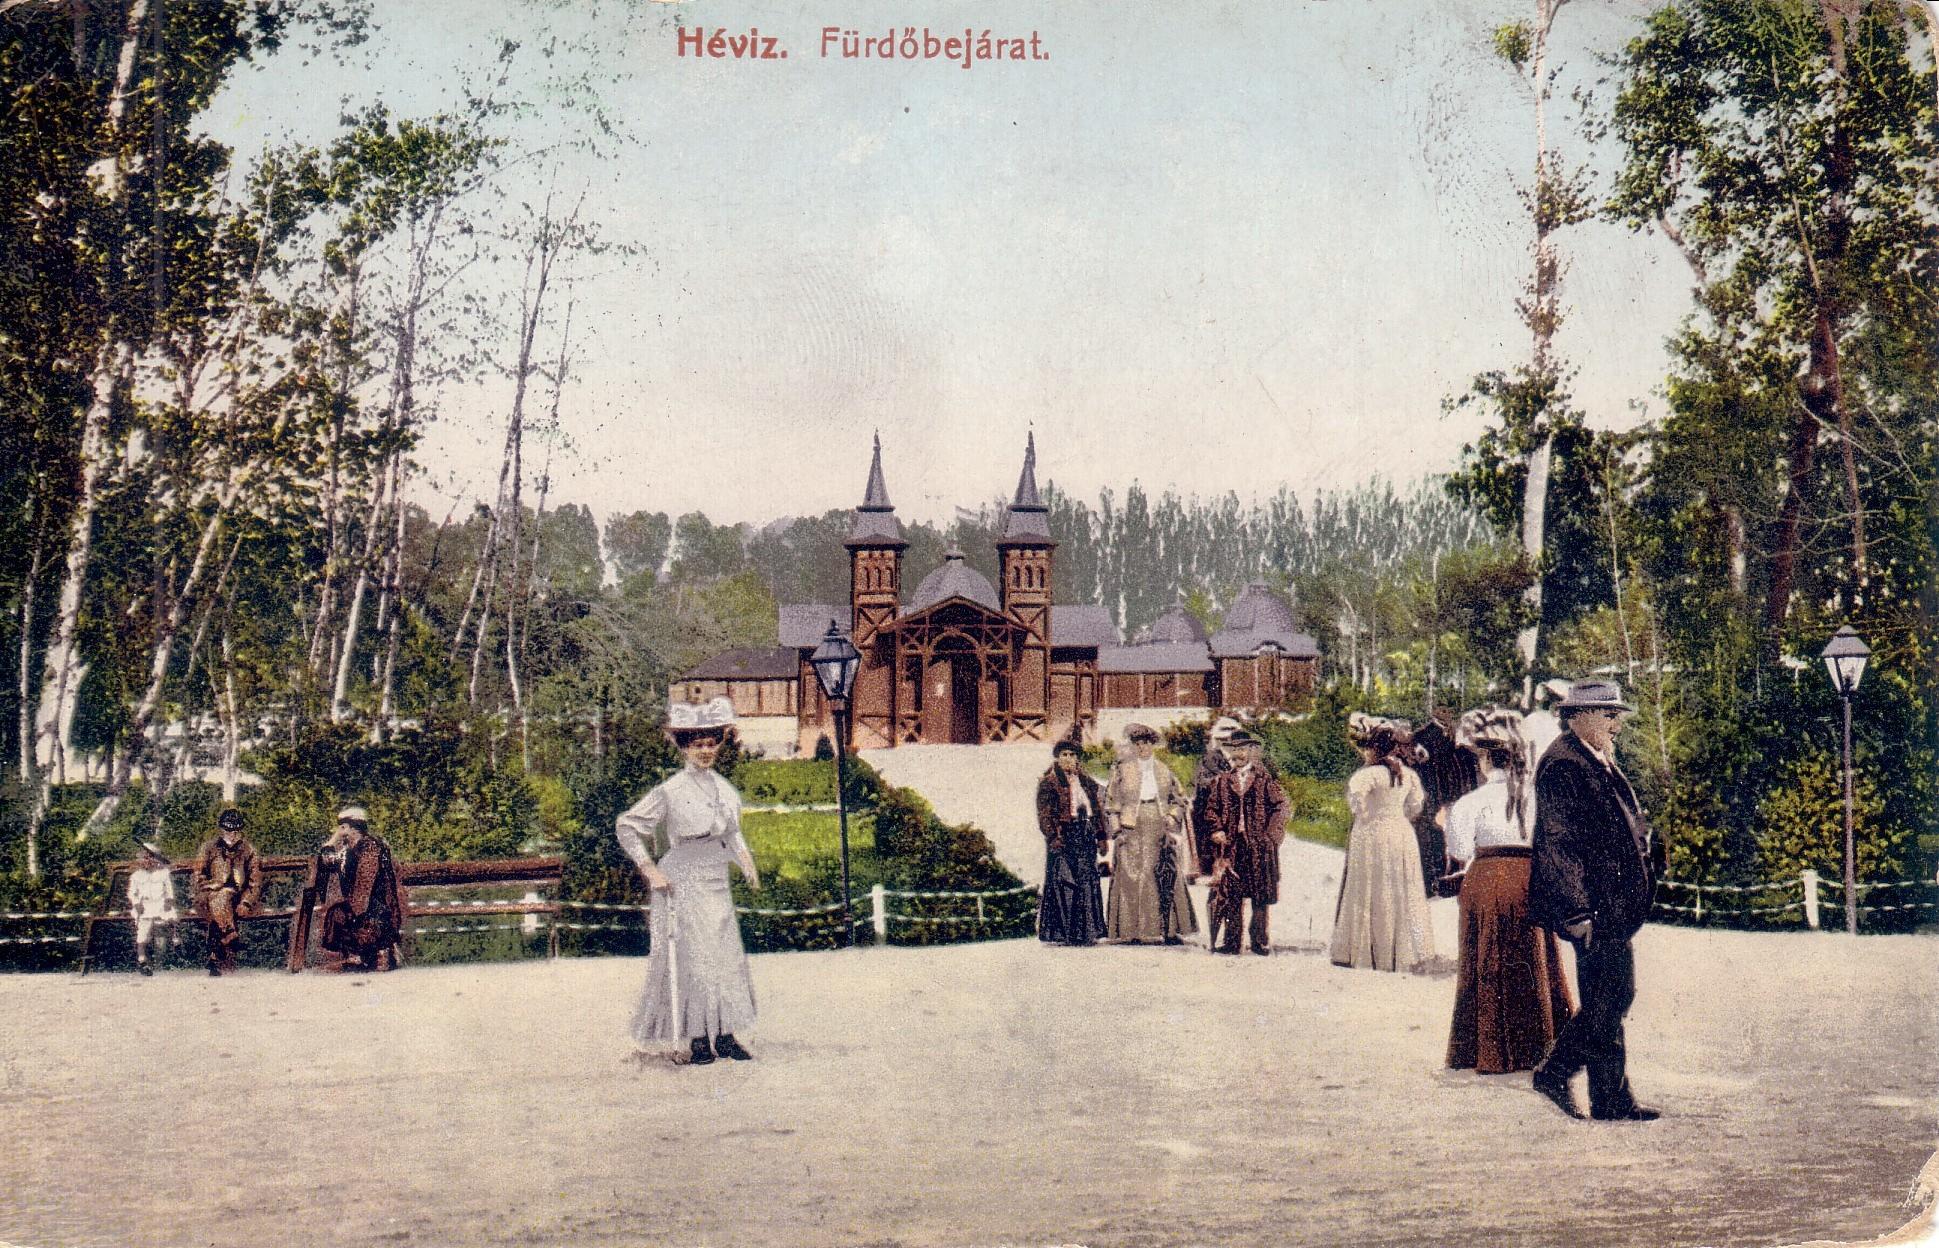 Ferenc Ferdinándtól Móricz Zsigmondig ... Boldog Békeidők híres vendégei Hévízen